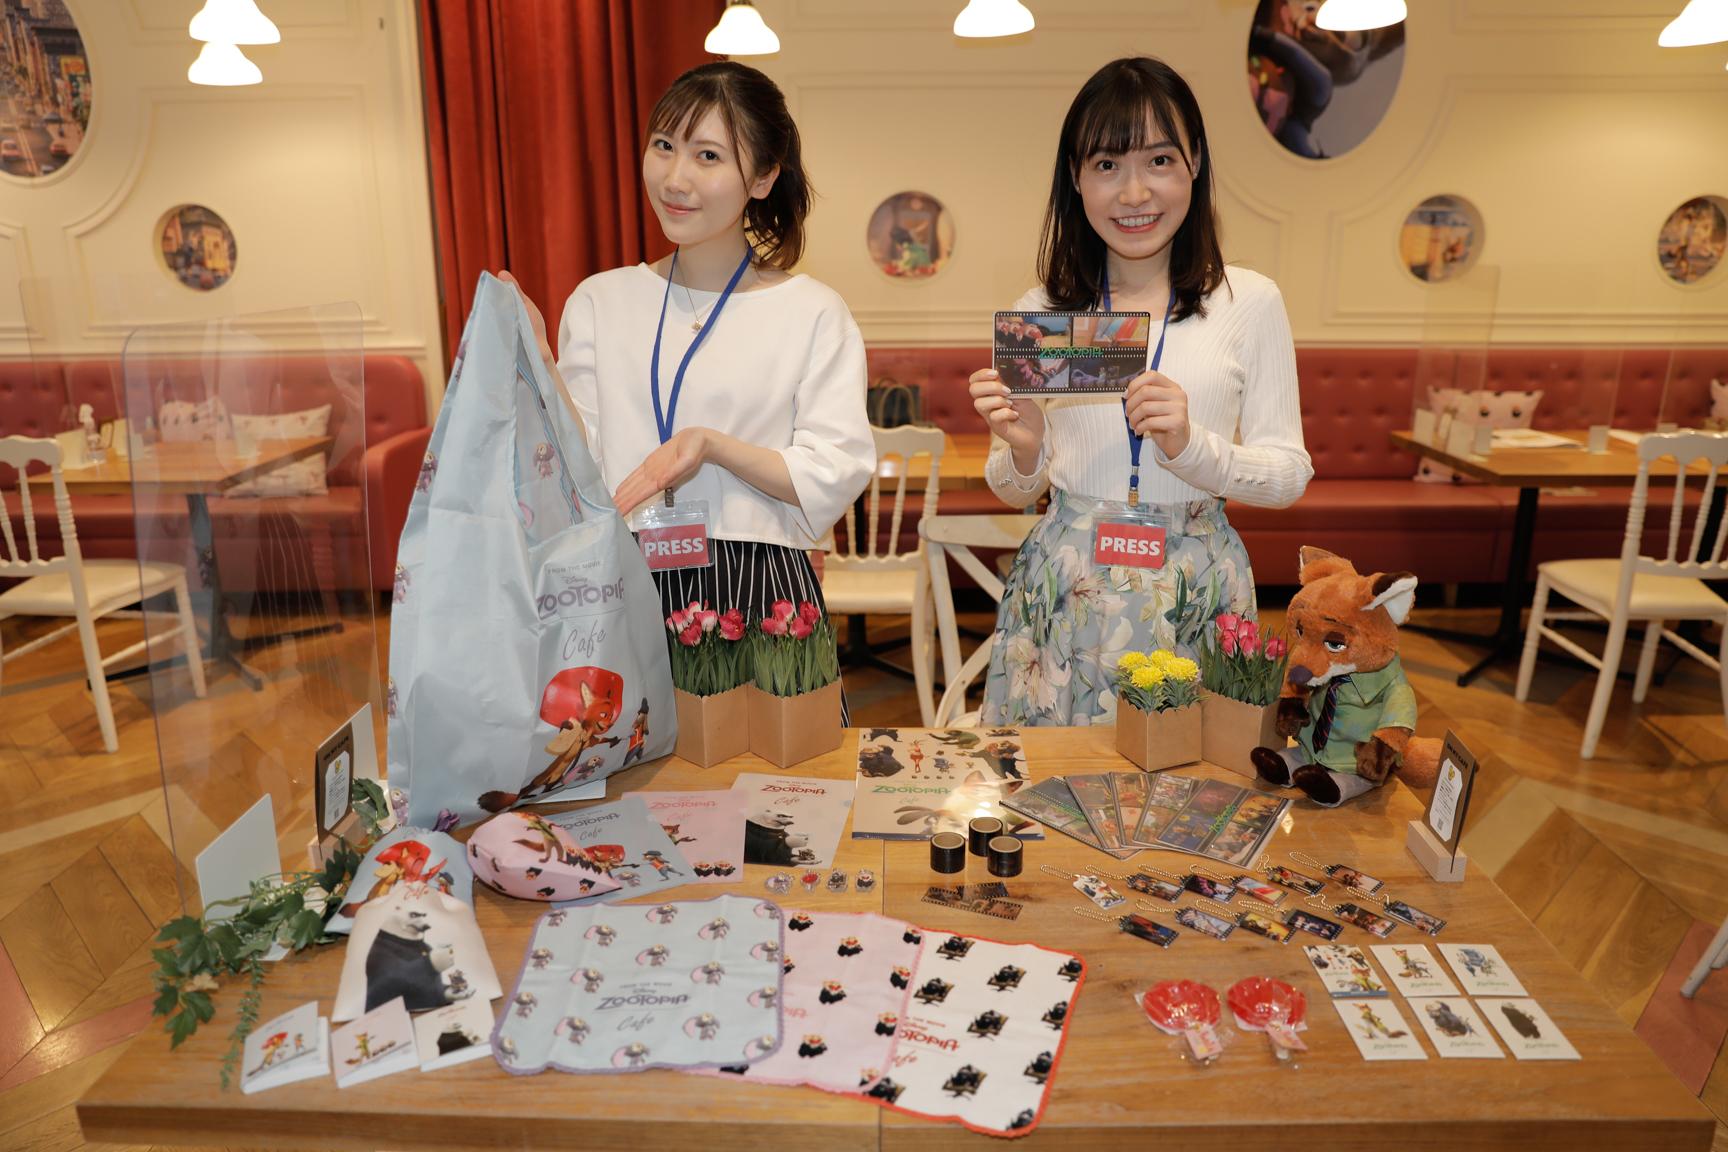 ズートピアカフェ・リポート 【Reporter:鈴木真由・及川帆乃】